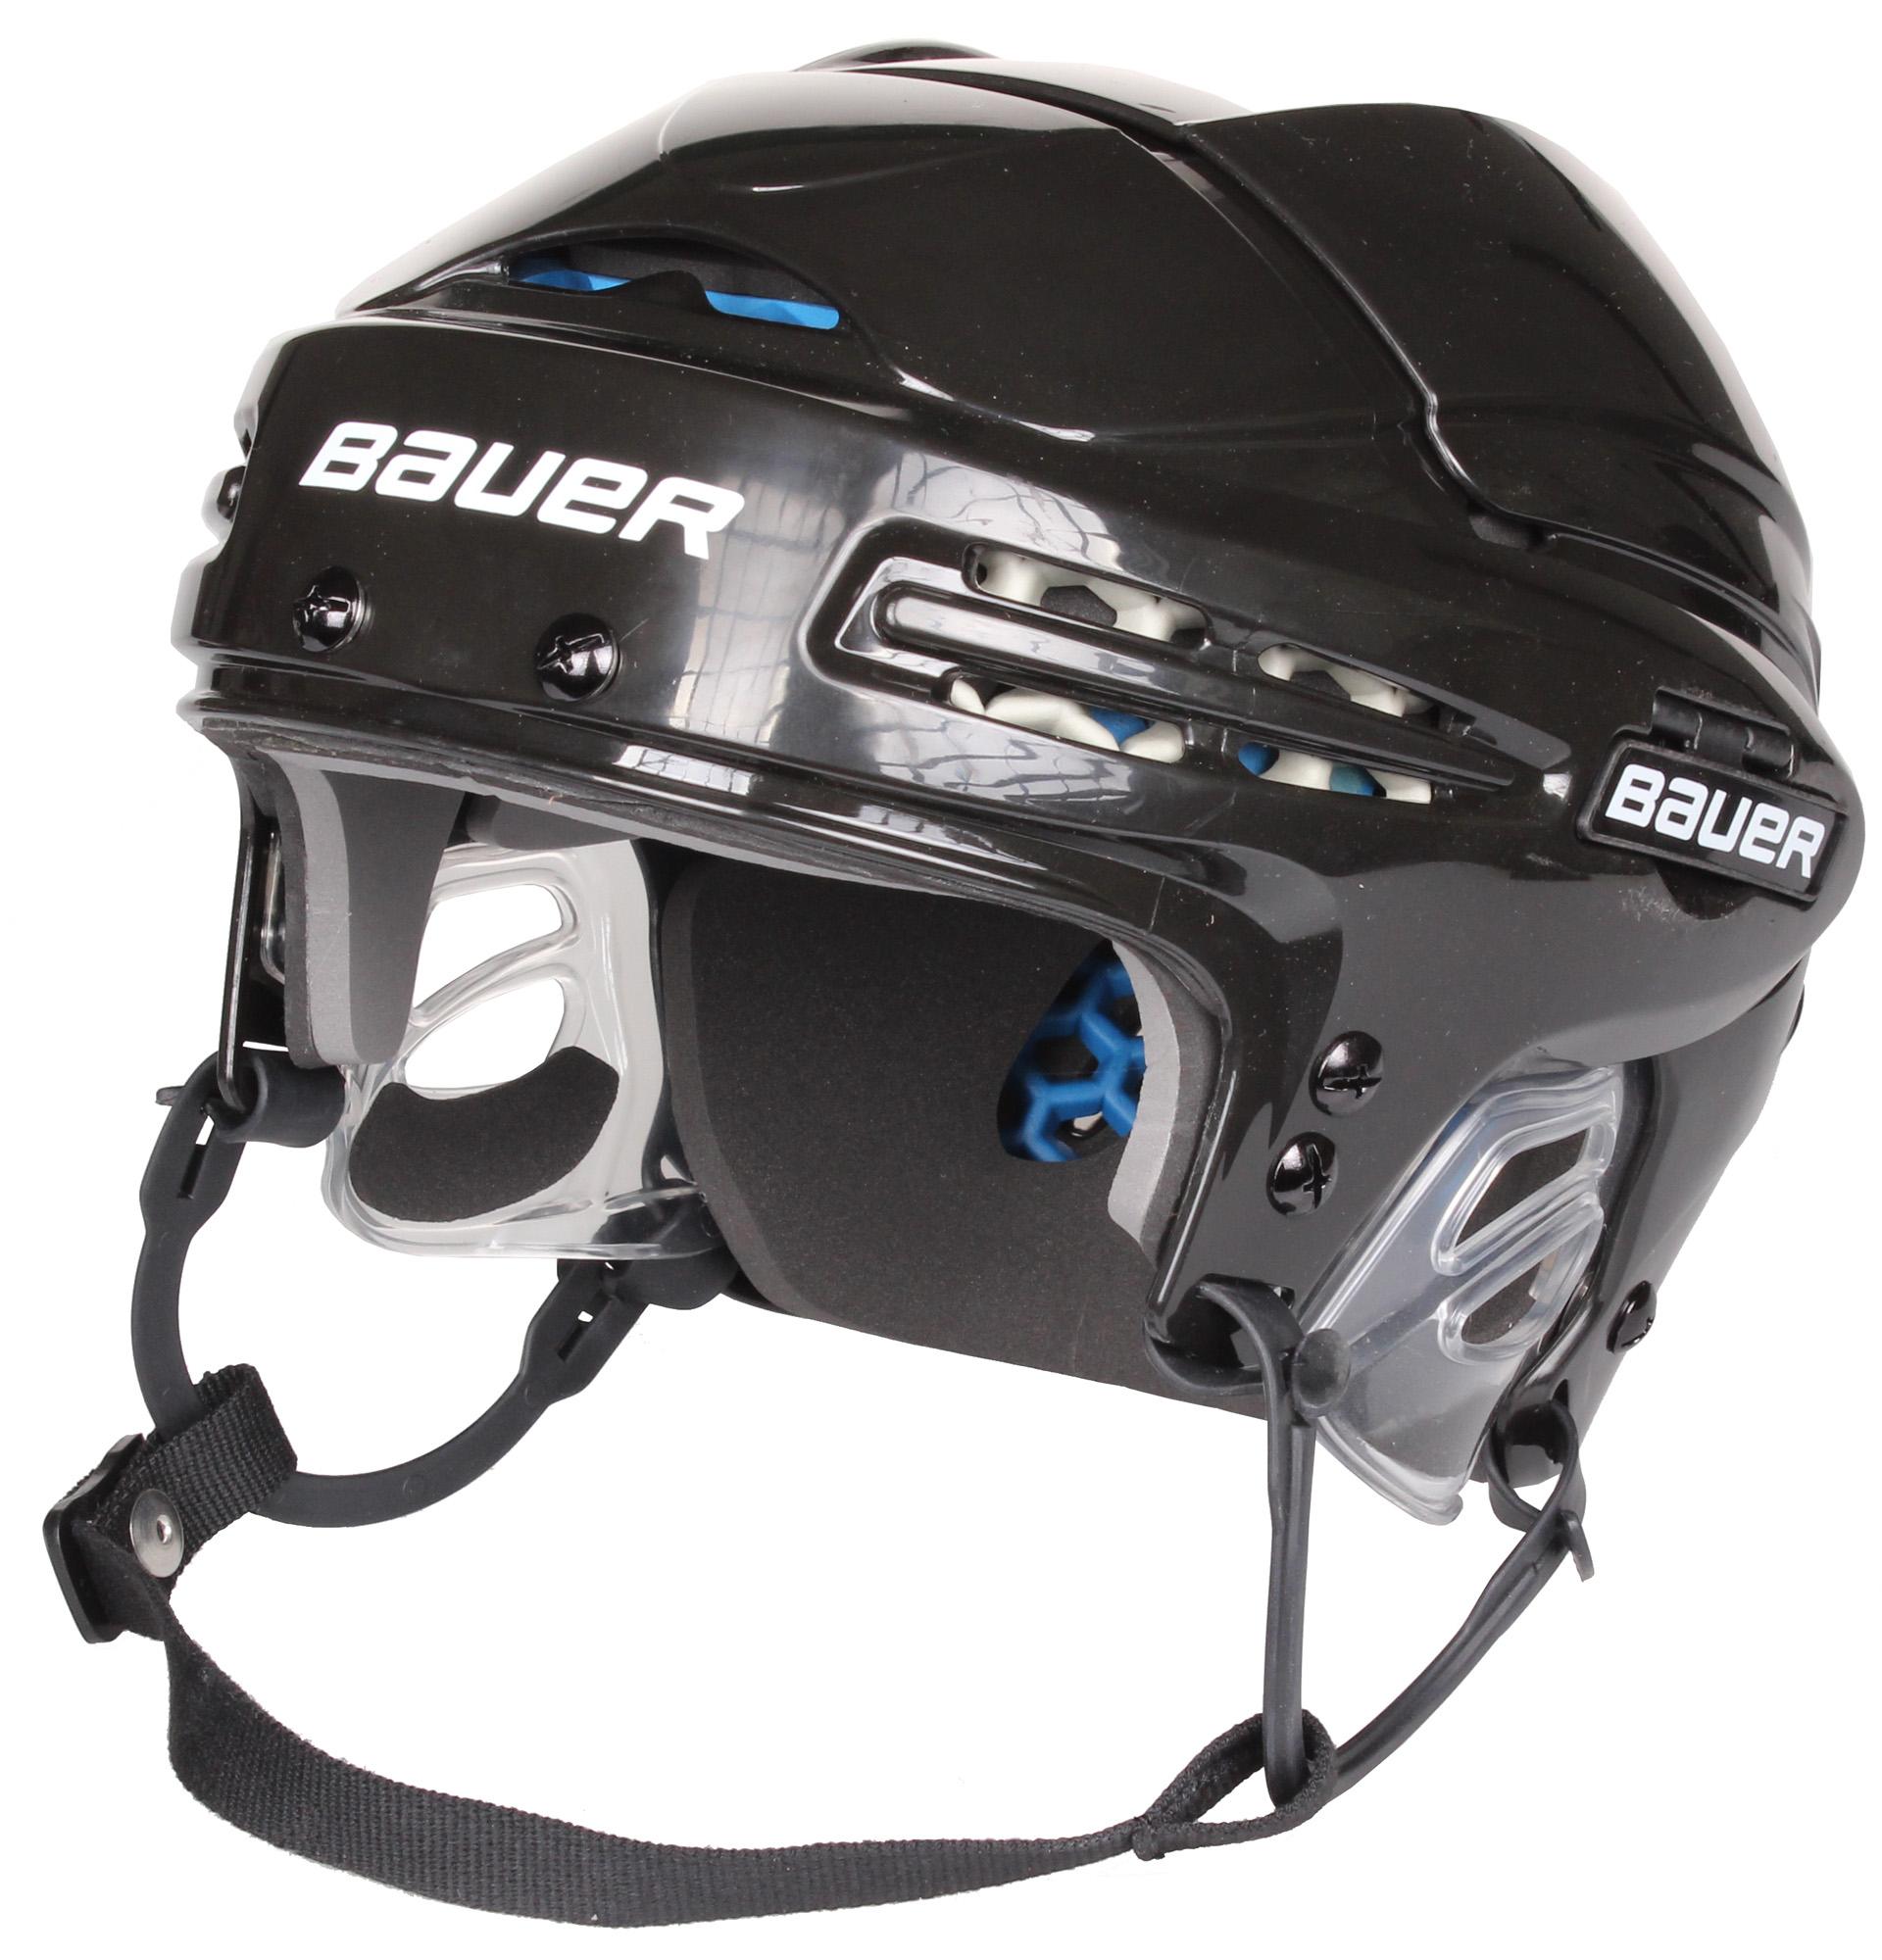 BAUER HH 5100 hokejová helma - černá